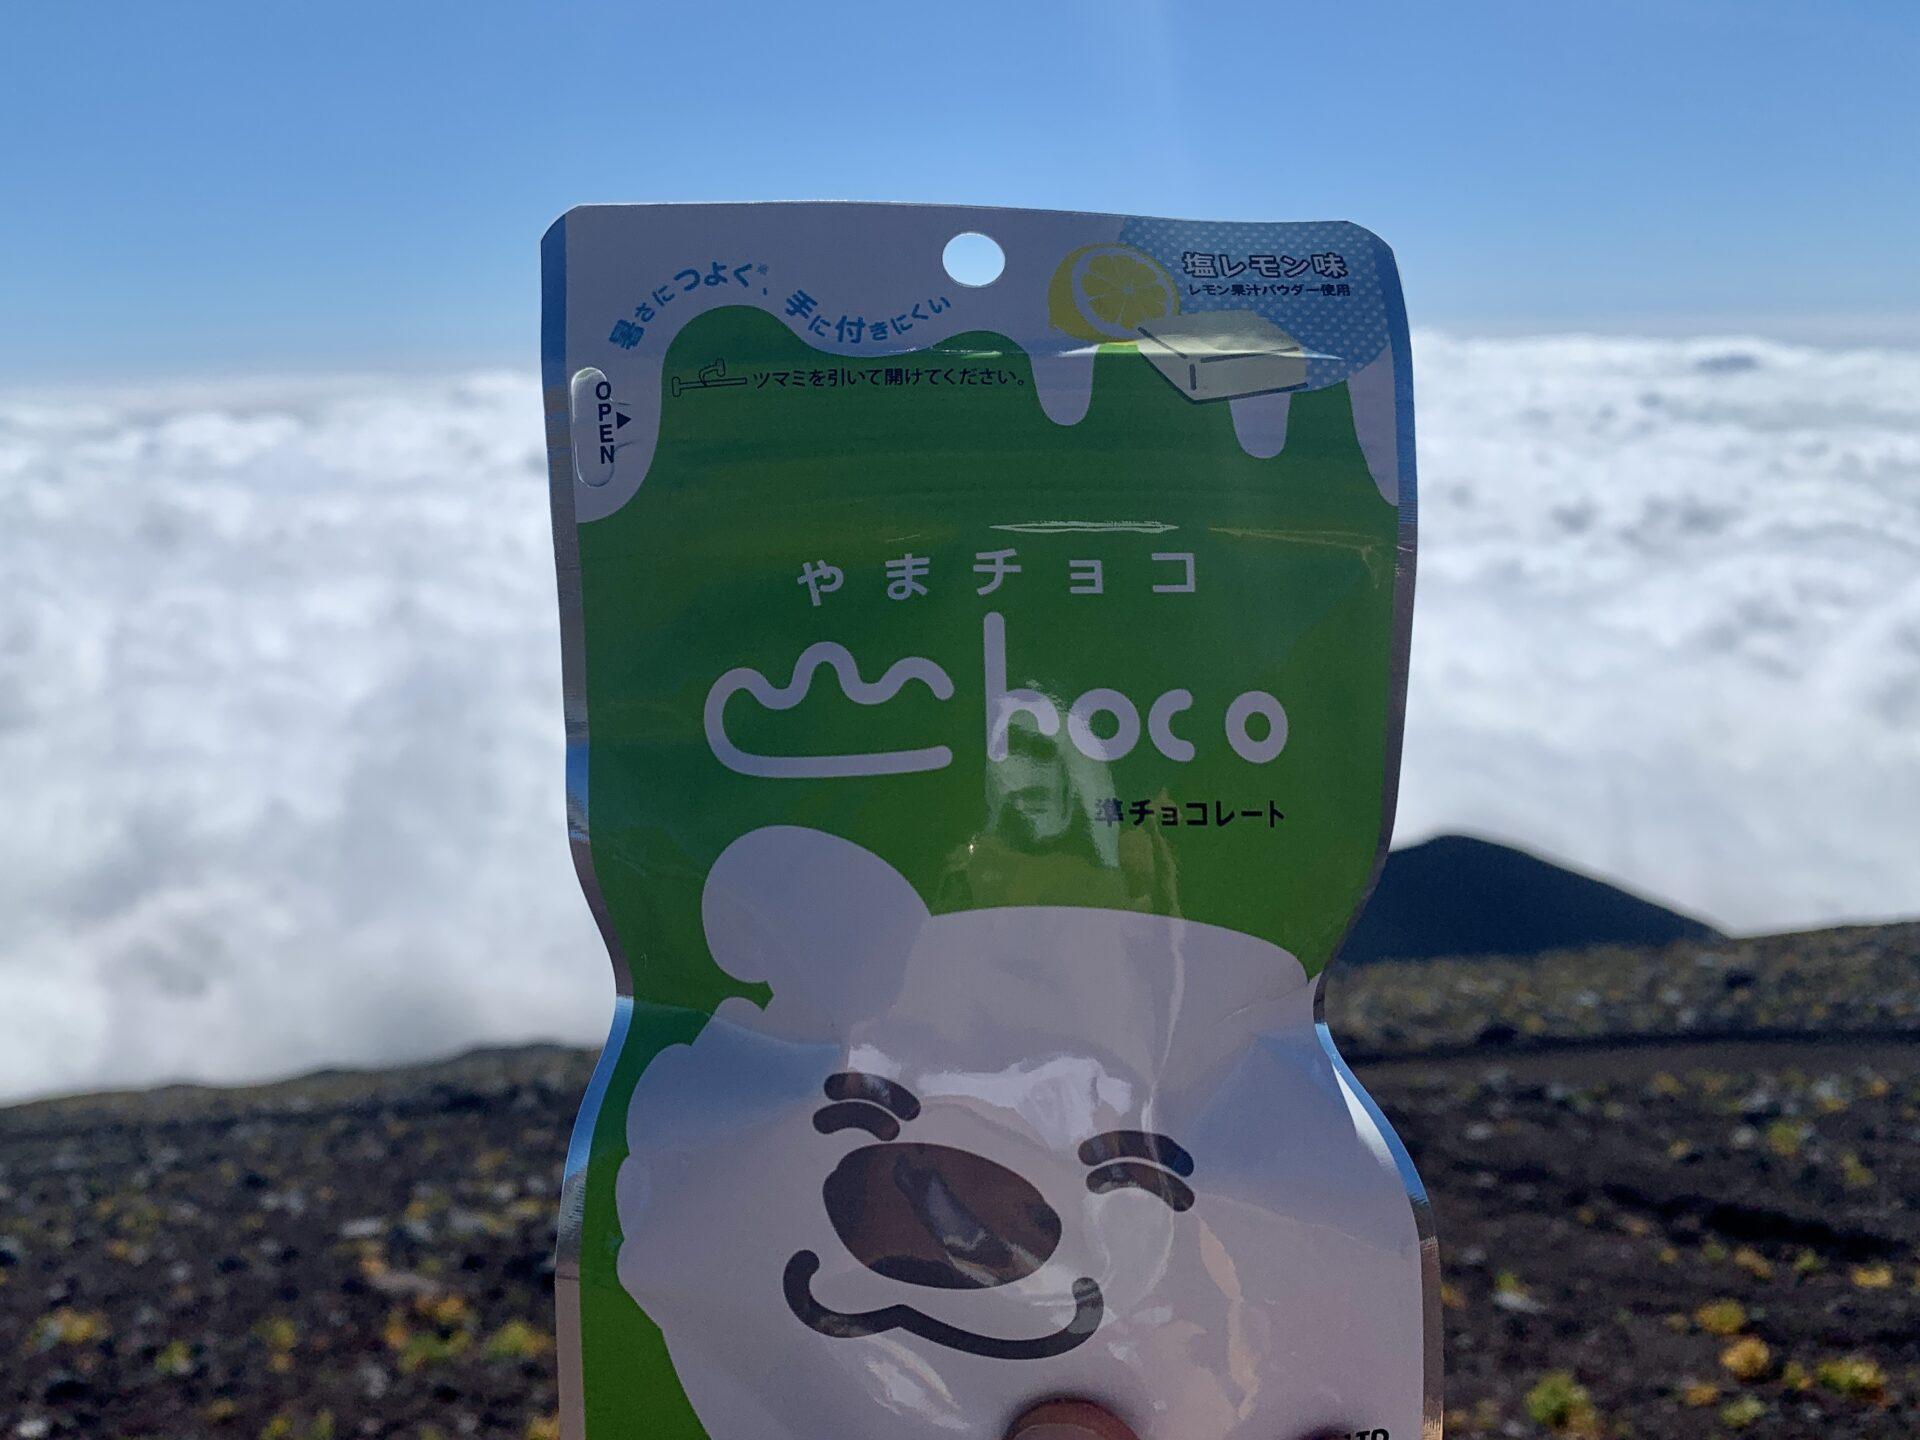 富士山登山で補給食やまチョコを携帯